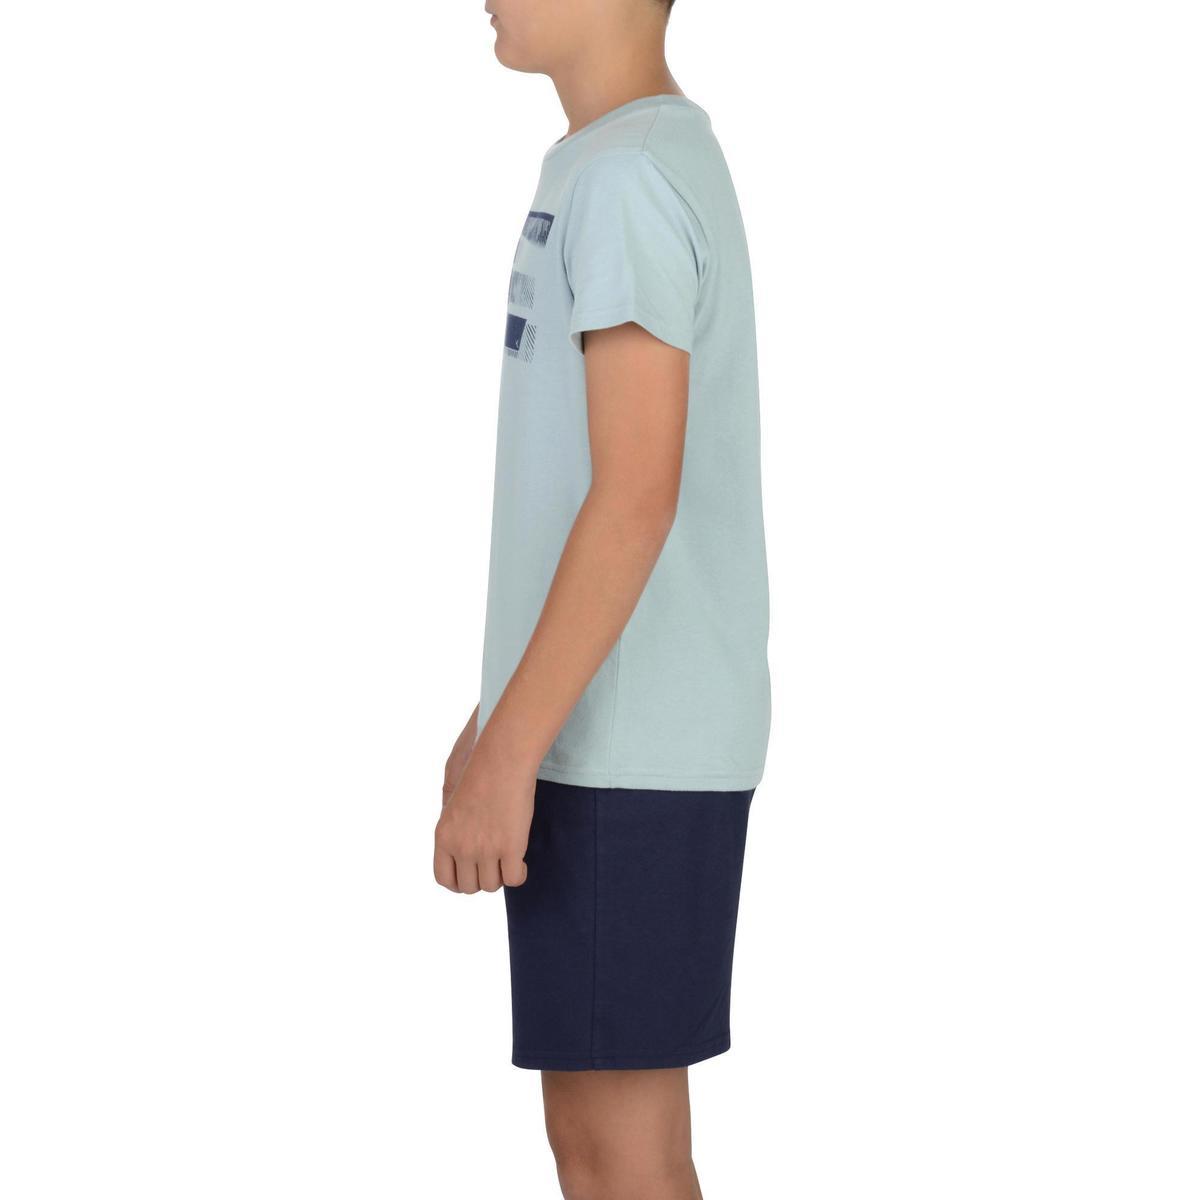 Bild 5 von T-Shirt 100 Gym Kinder grau mit Print